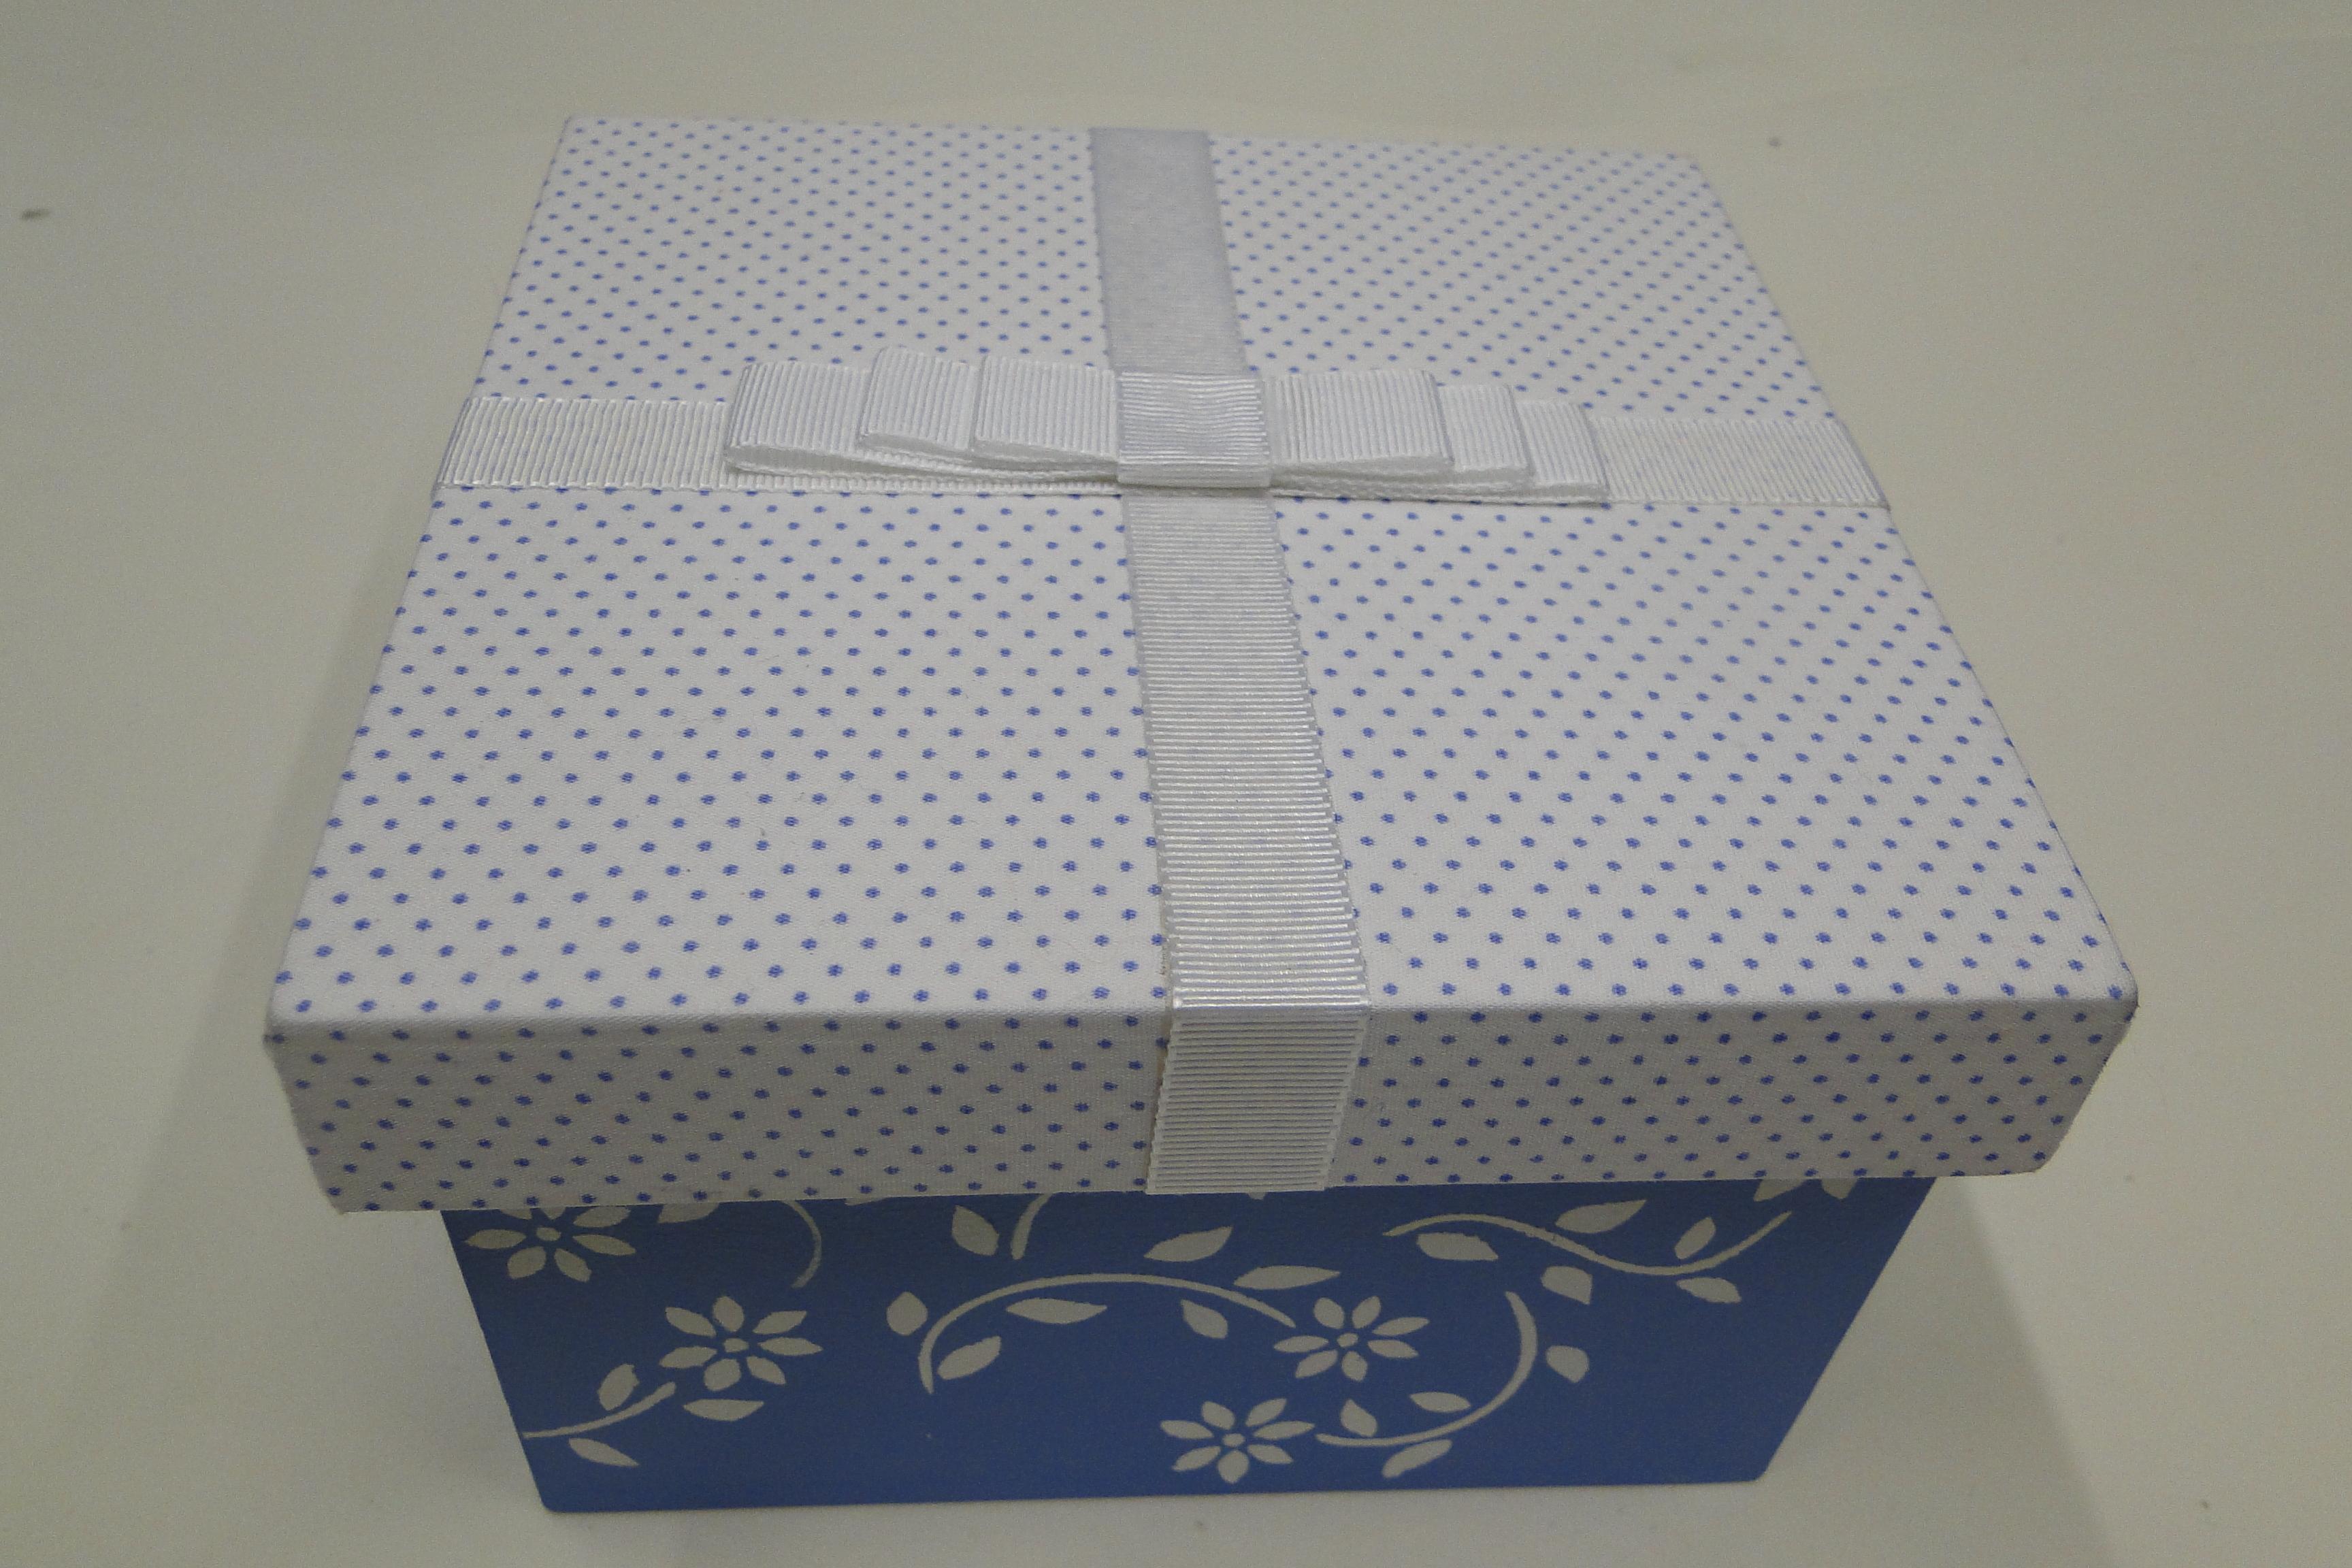 caixa mdf pintada Trabalhanatos da Vanessa Elo7 #353F59 3456x2304